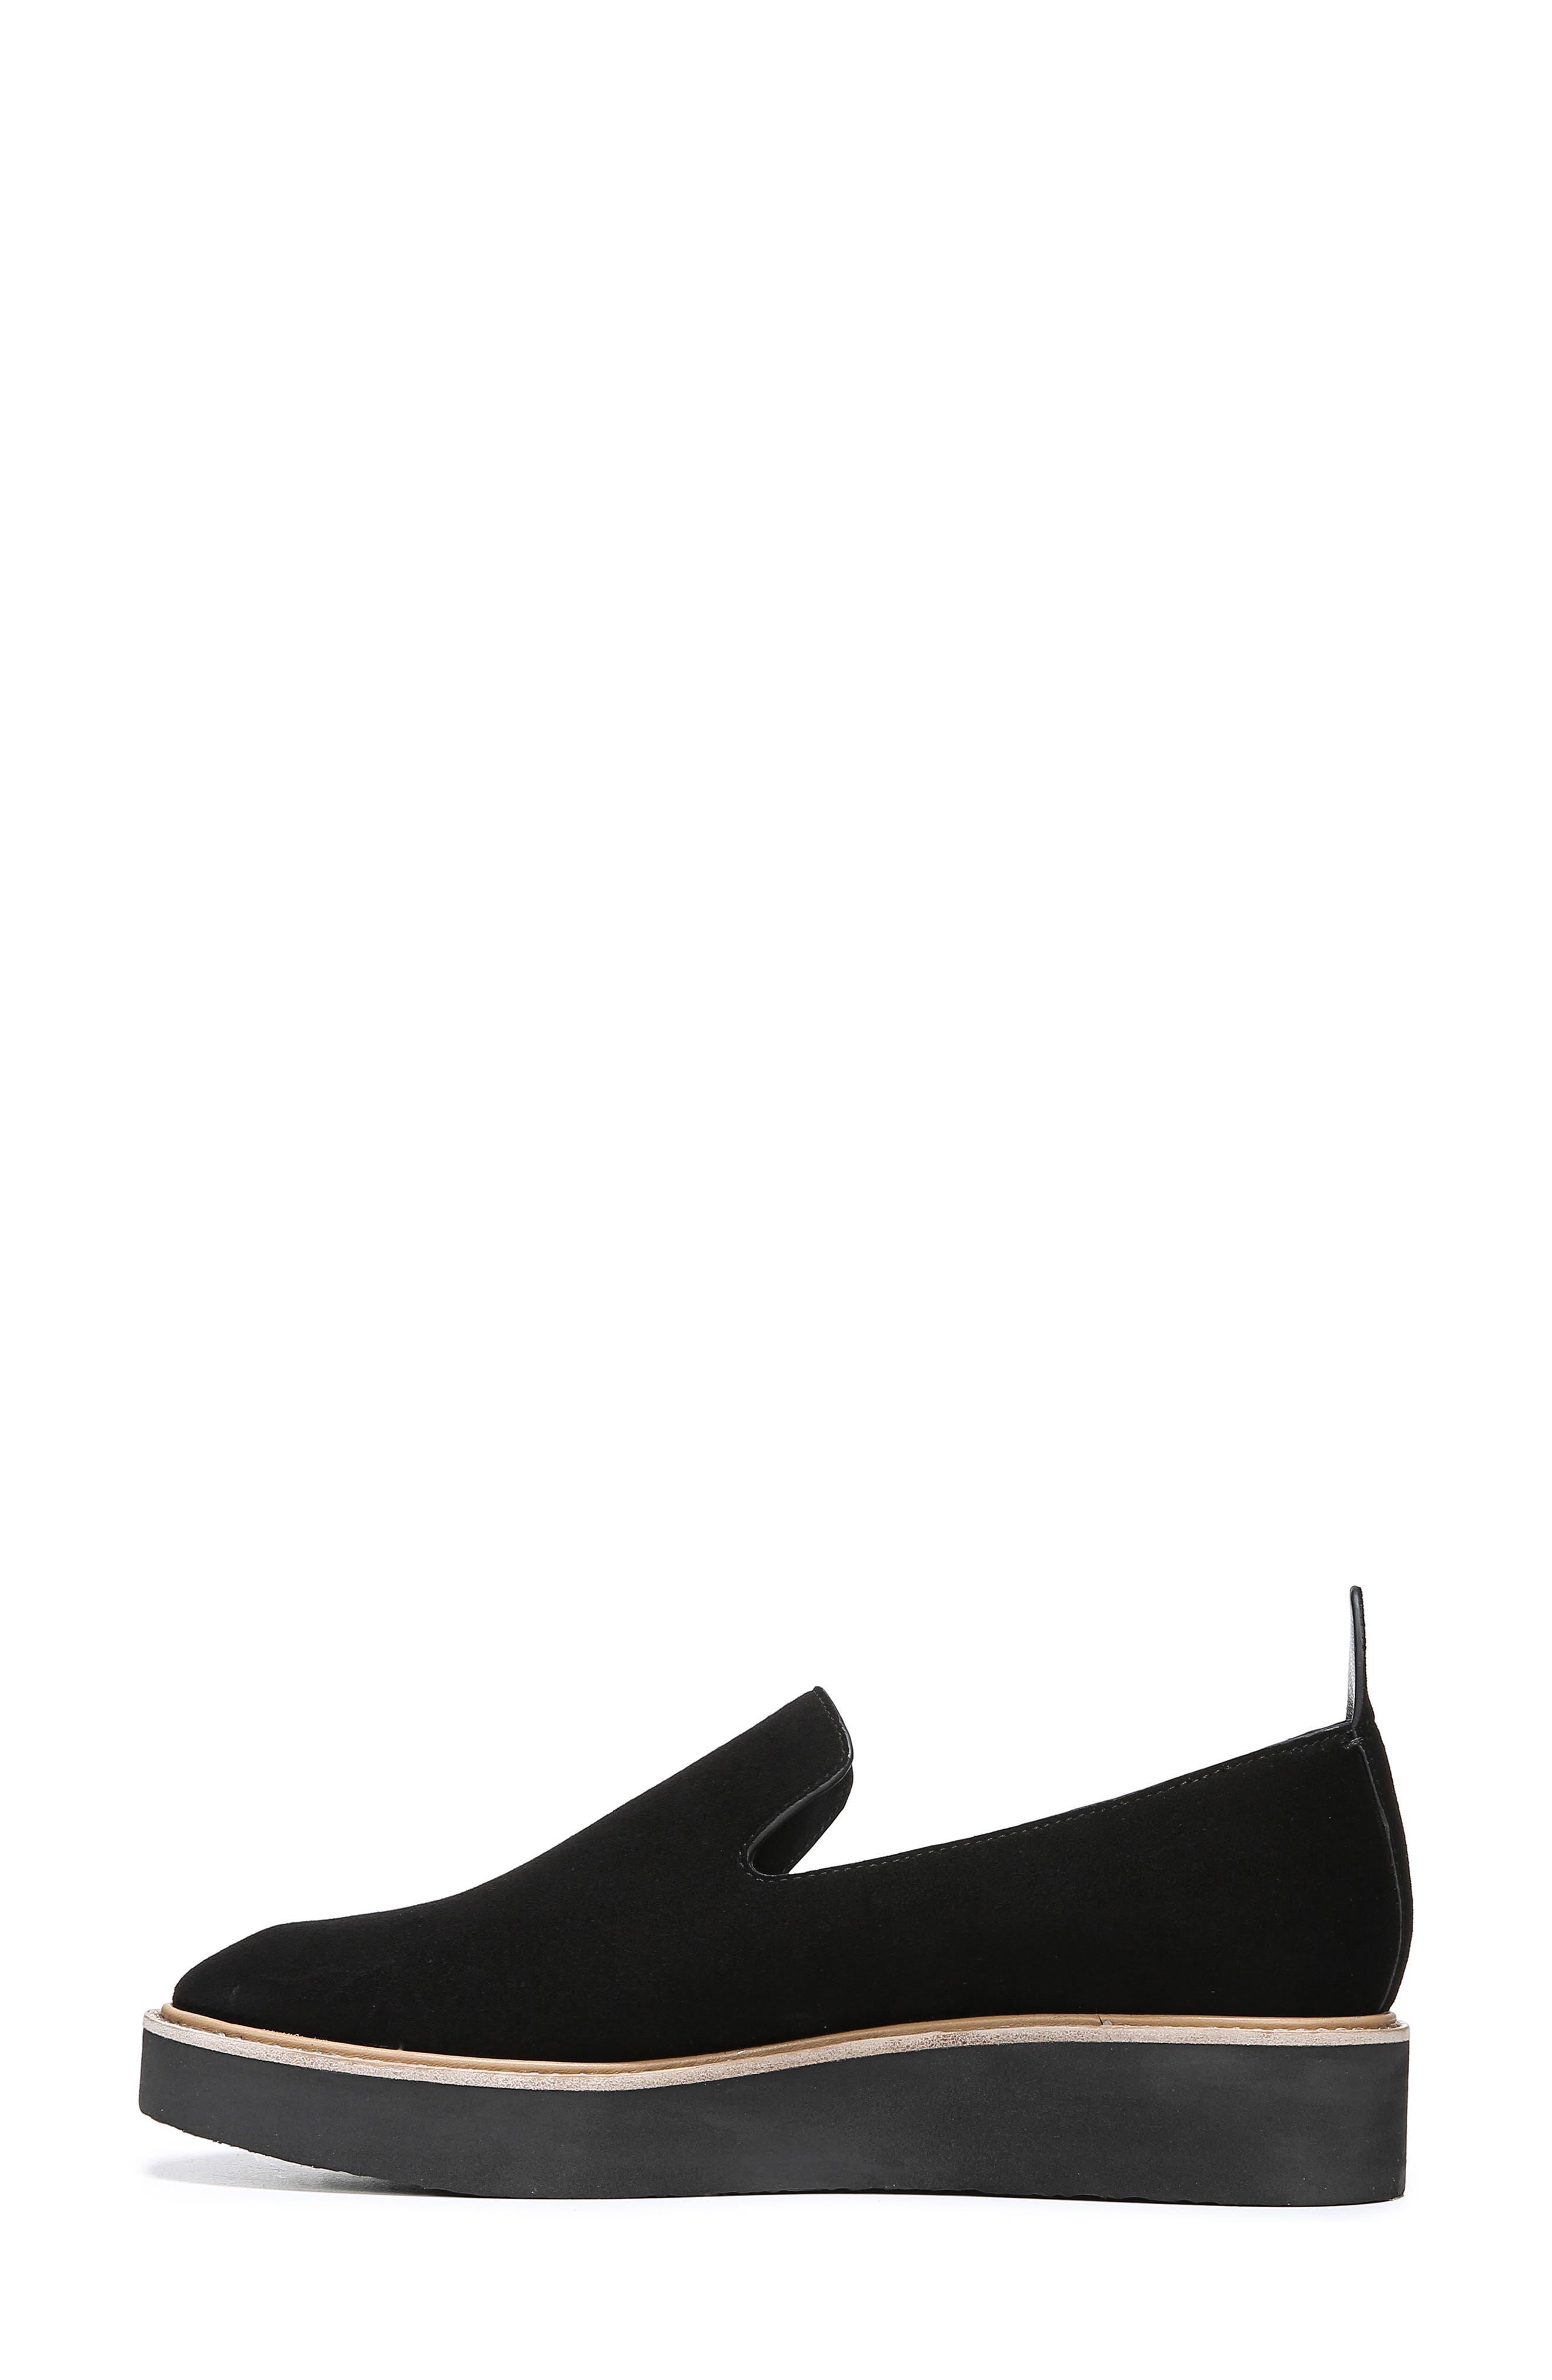 Sanders Slip-On Sneaker,                             Alternate thumbnail 8, color,                             BLACK/ BLACK LEATHER